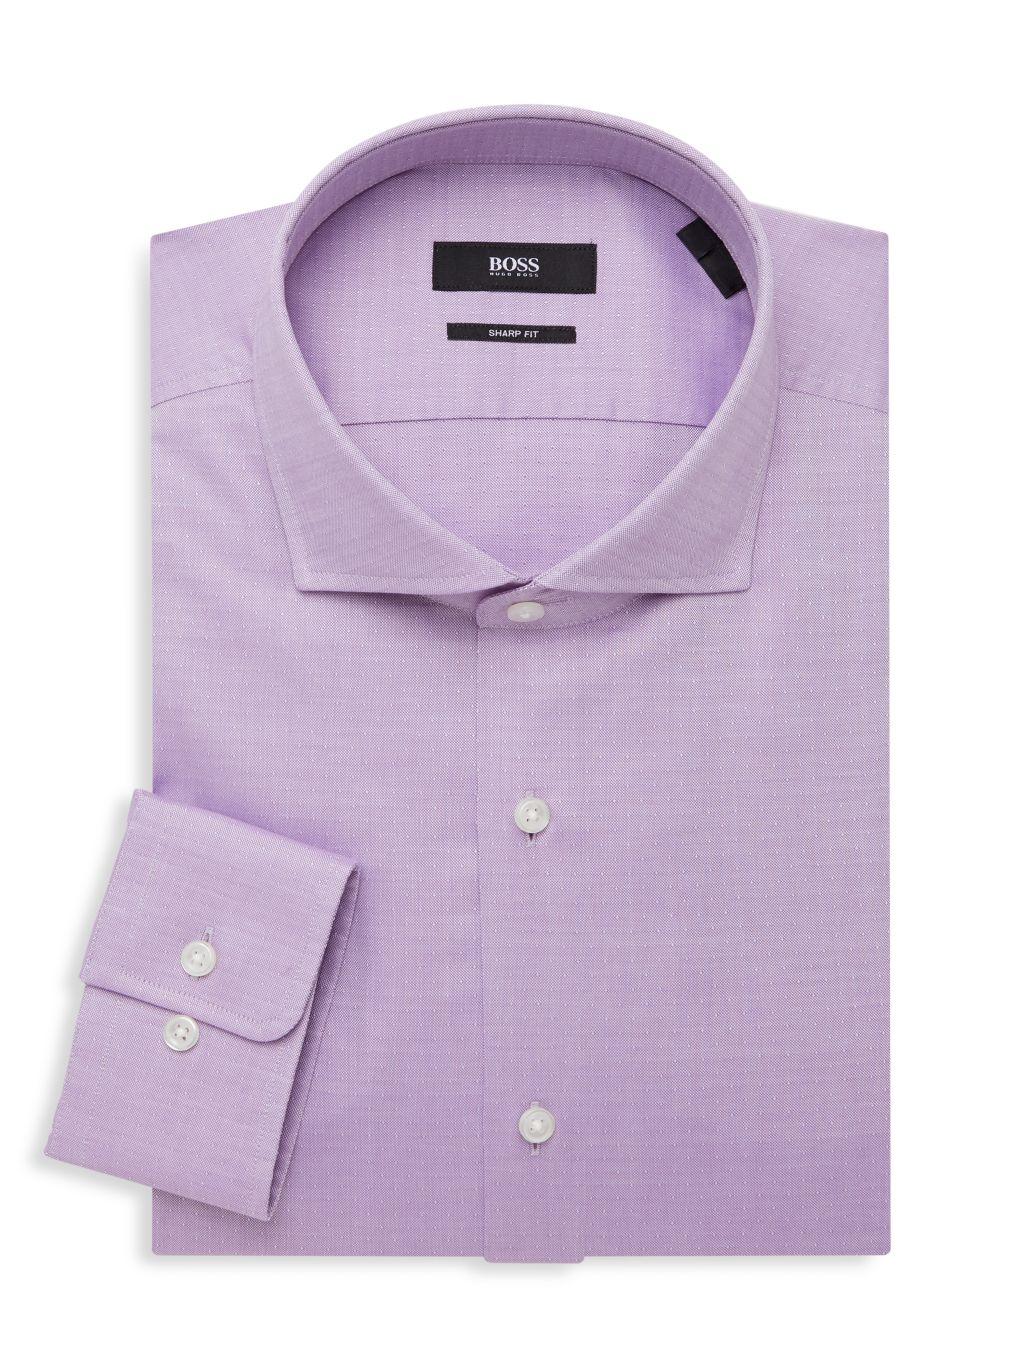 Boss Hugo Boss Sharp-Fit Woven Dress Shirt